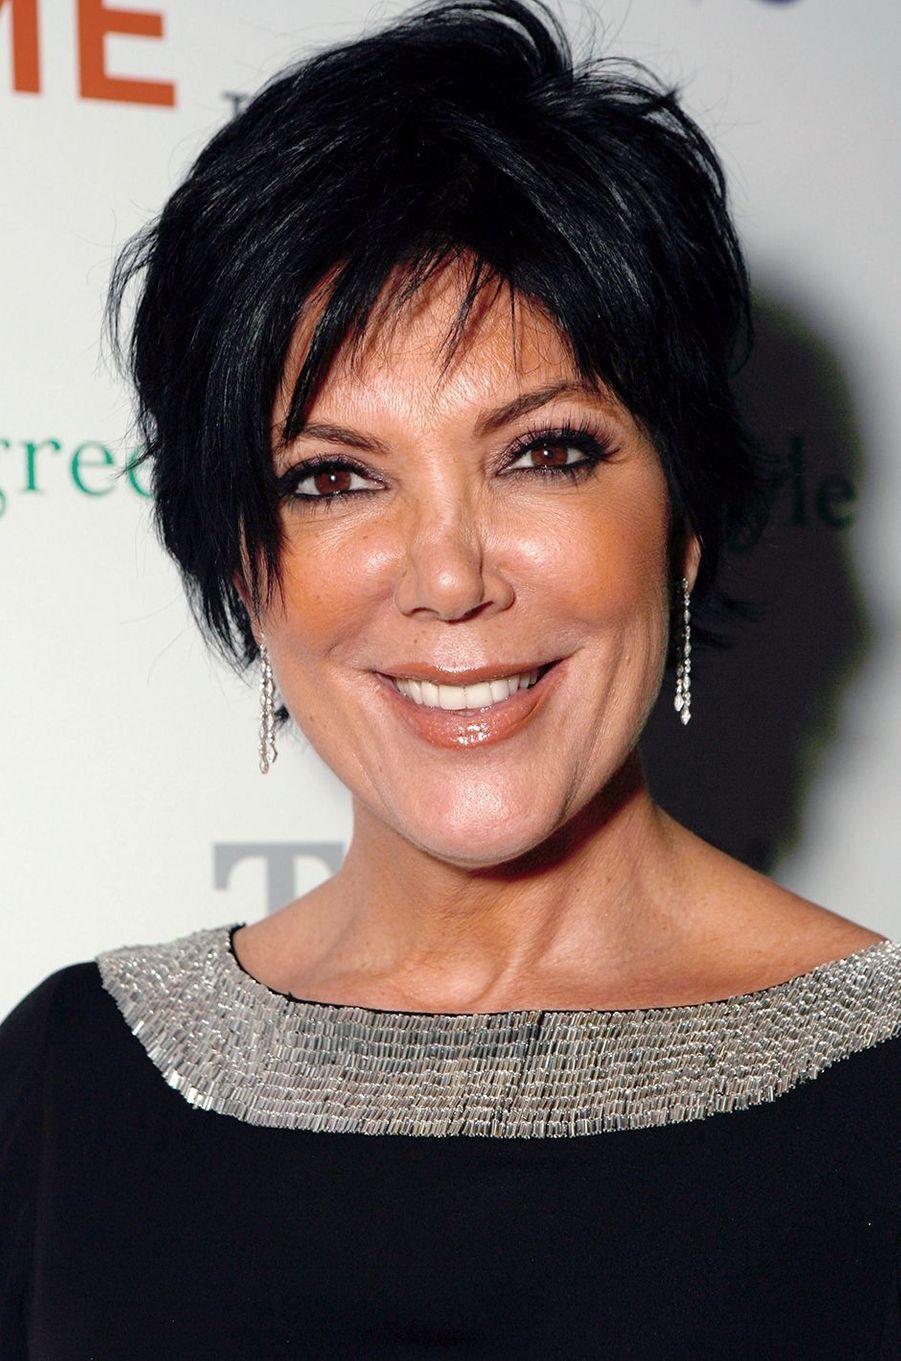 Kris Jennerà la première de l'émission «L'incroyable famille Kardashian» à West Hollywood en octobre 2007